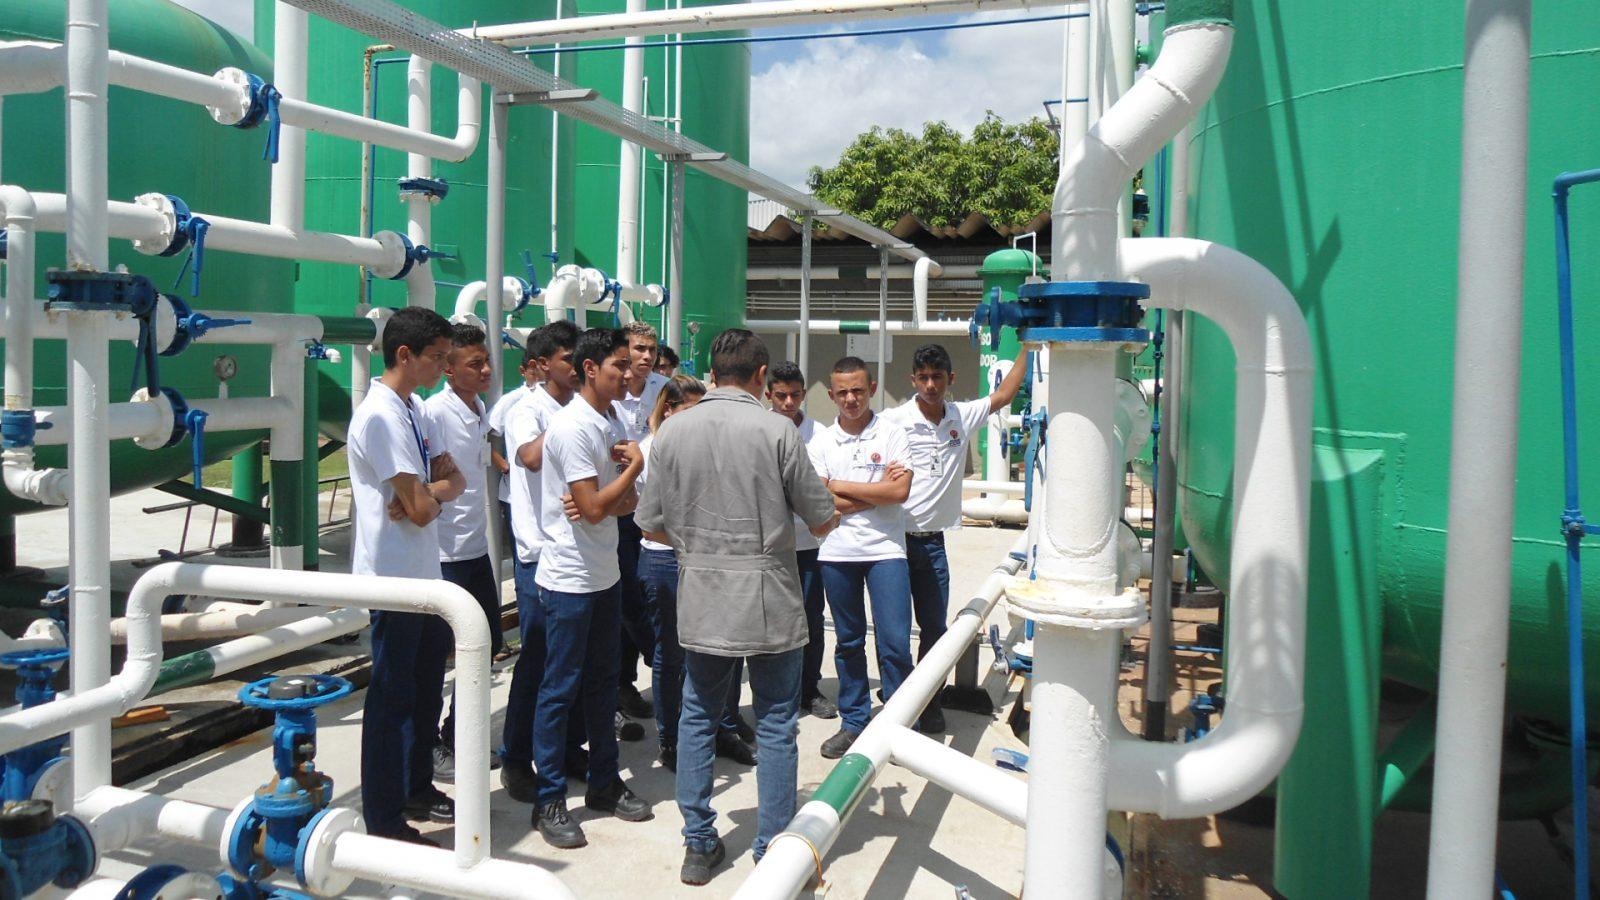 Unidade Projeto Pescar Vicunha Têxtil - Jovens em visita técnica